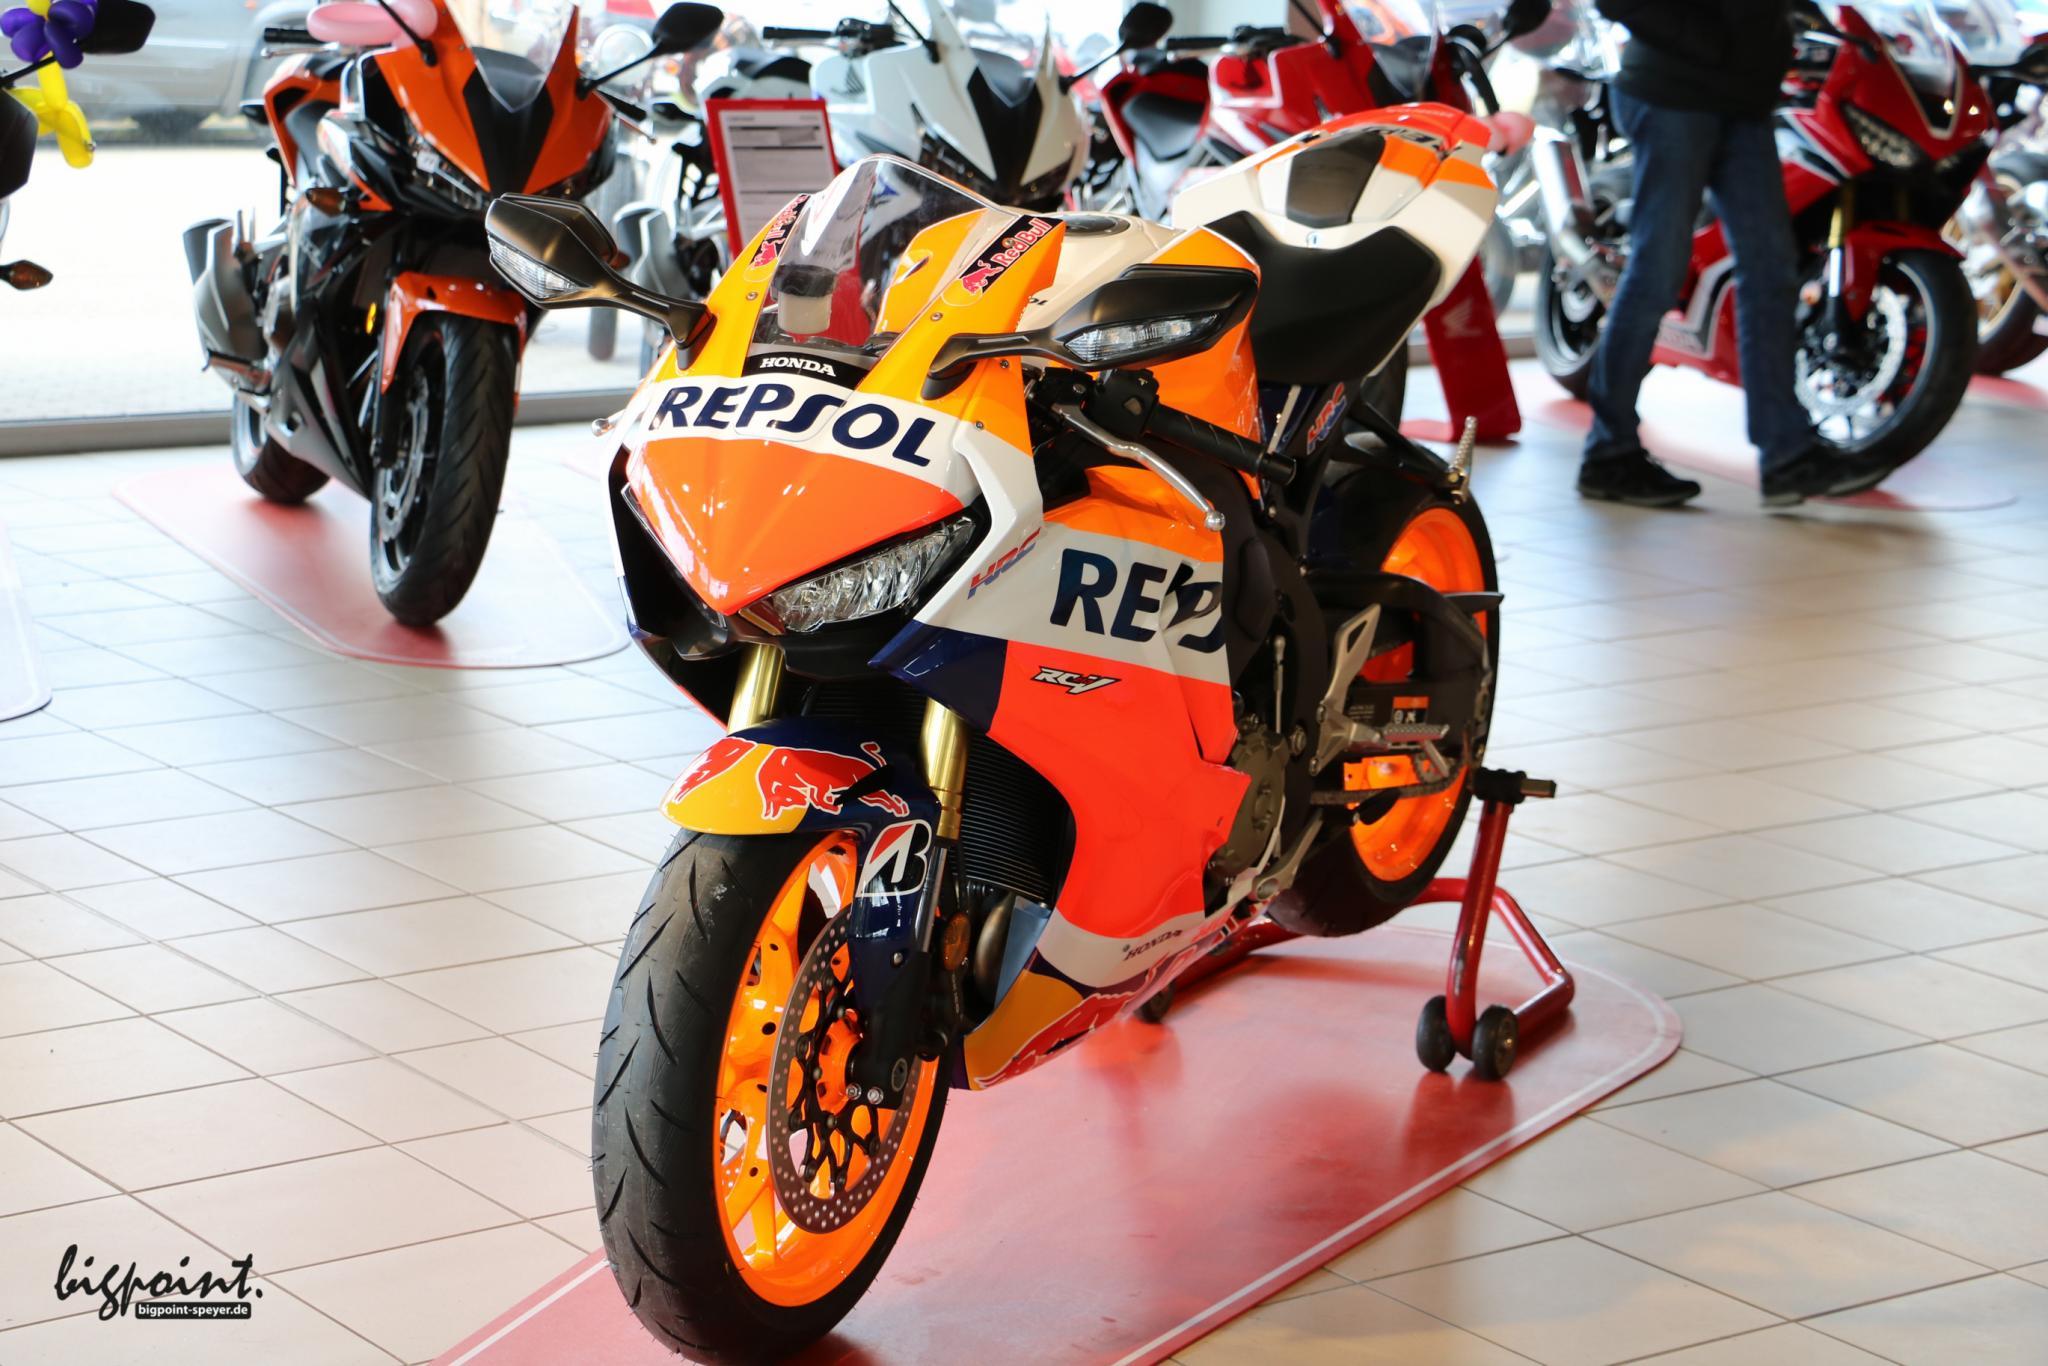 Unternehmensbilder Big Point Motorradhandels GmbH & CO. KG 15